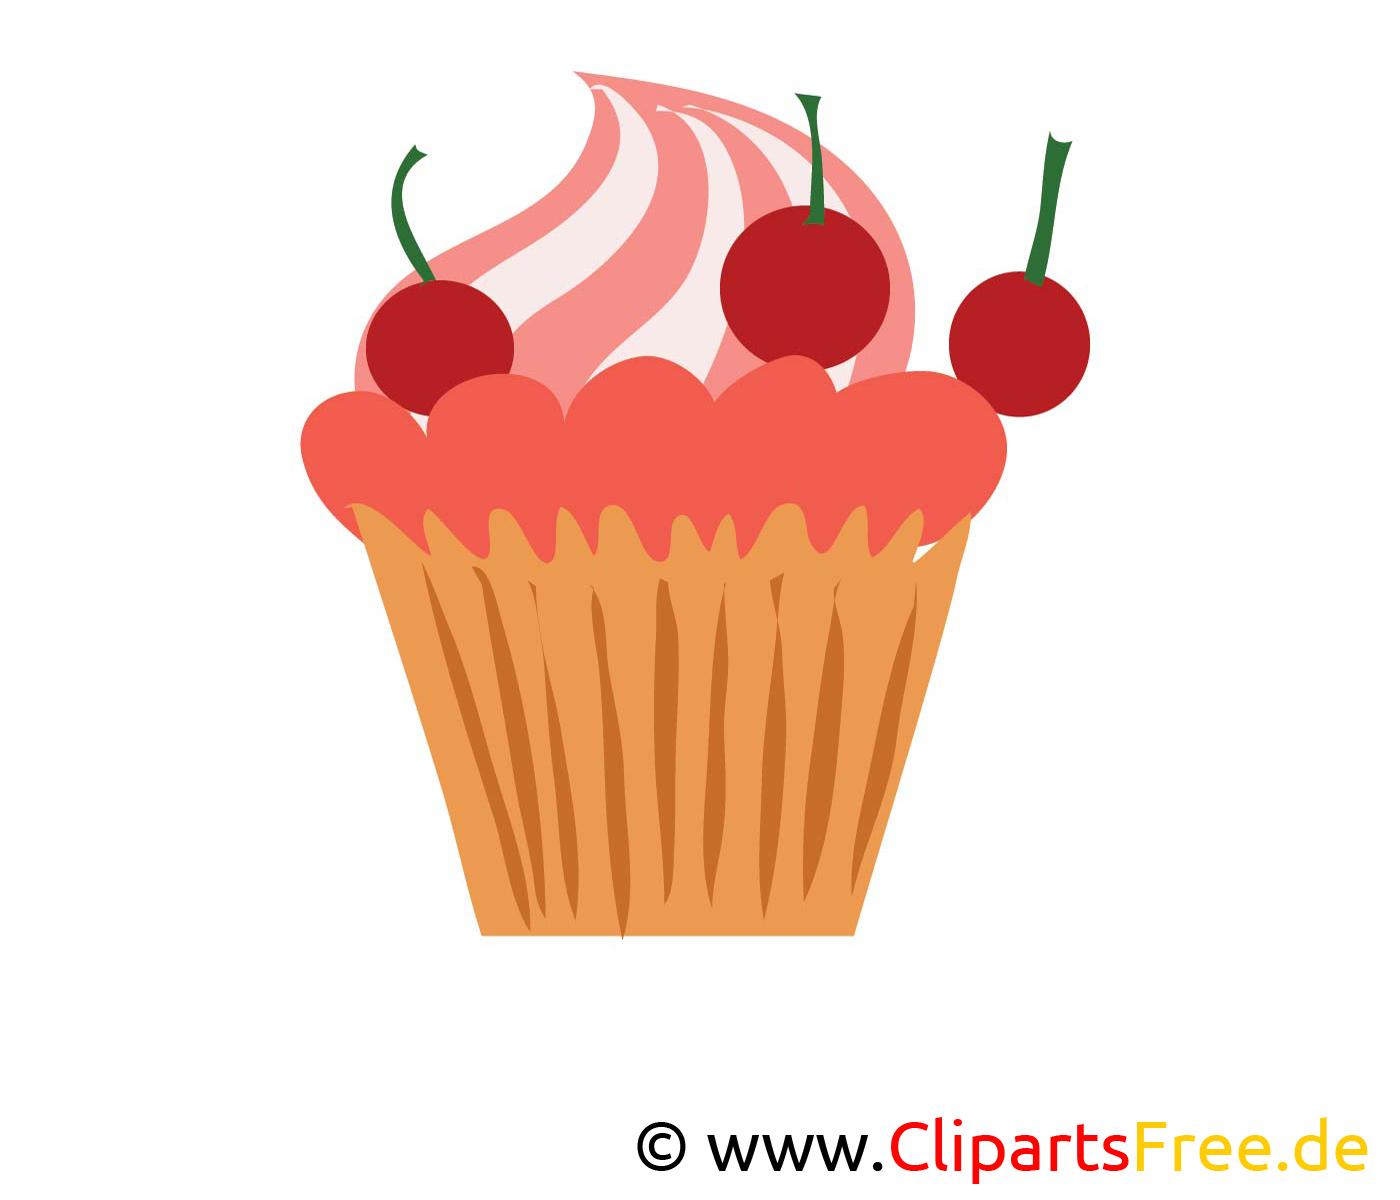 Petit gâteau images - Nourriture dessins gratuits